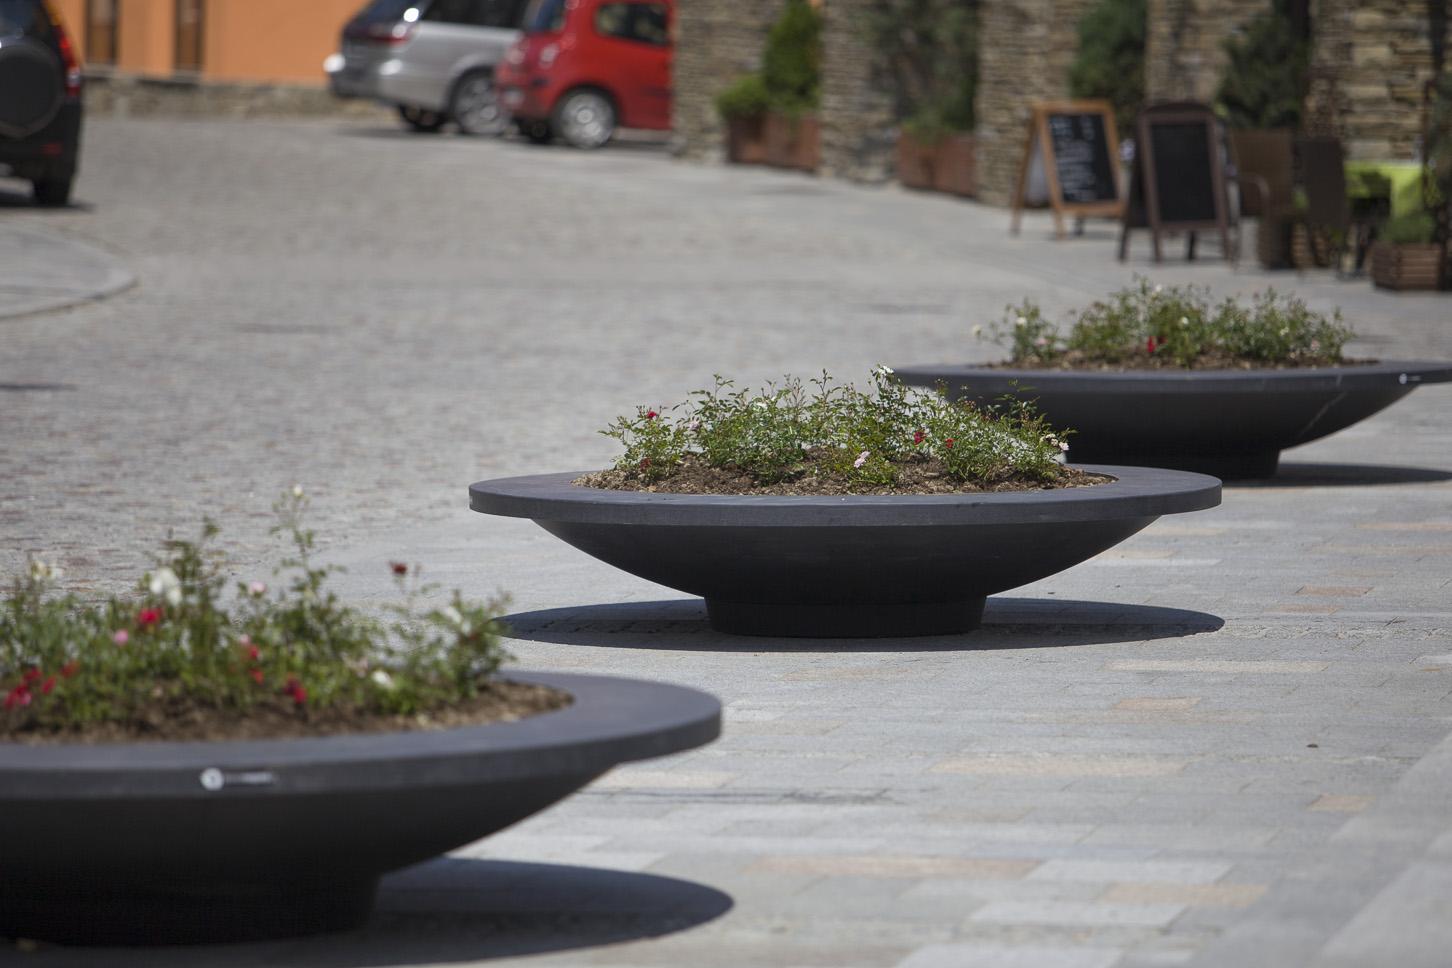 Donica Plane Ring TerraForm jak zabezpieczyć ulice miast